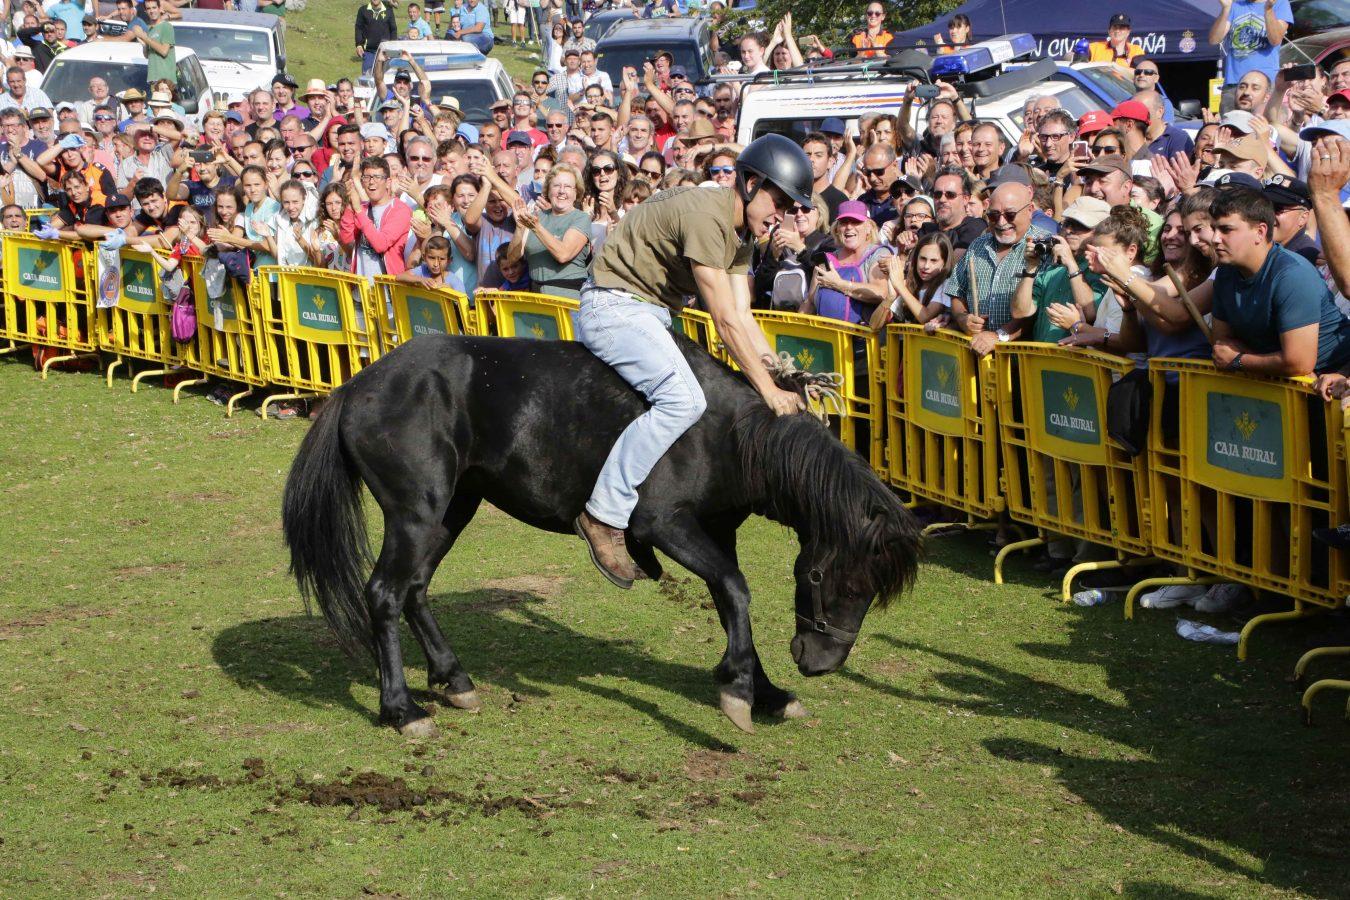 La Fiesta del Asturcón también se cae del calendario festivo estival asturiano